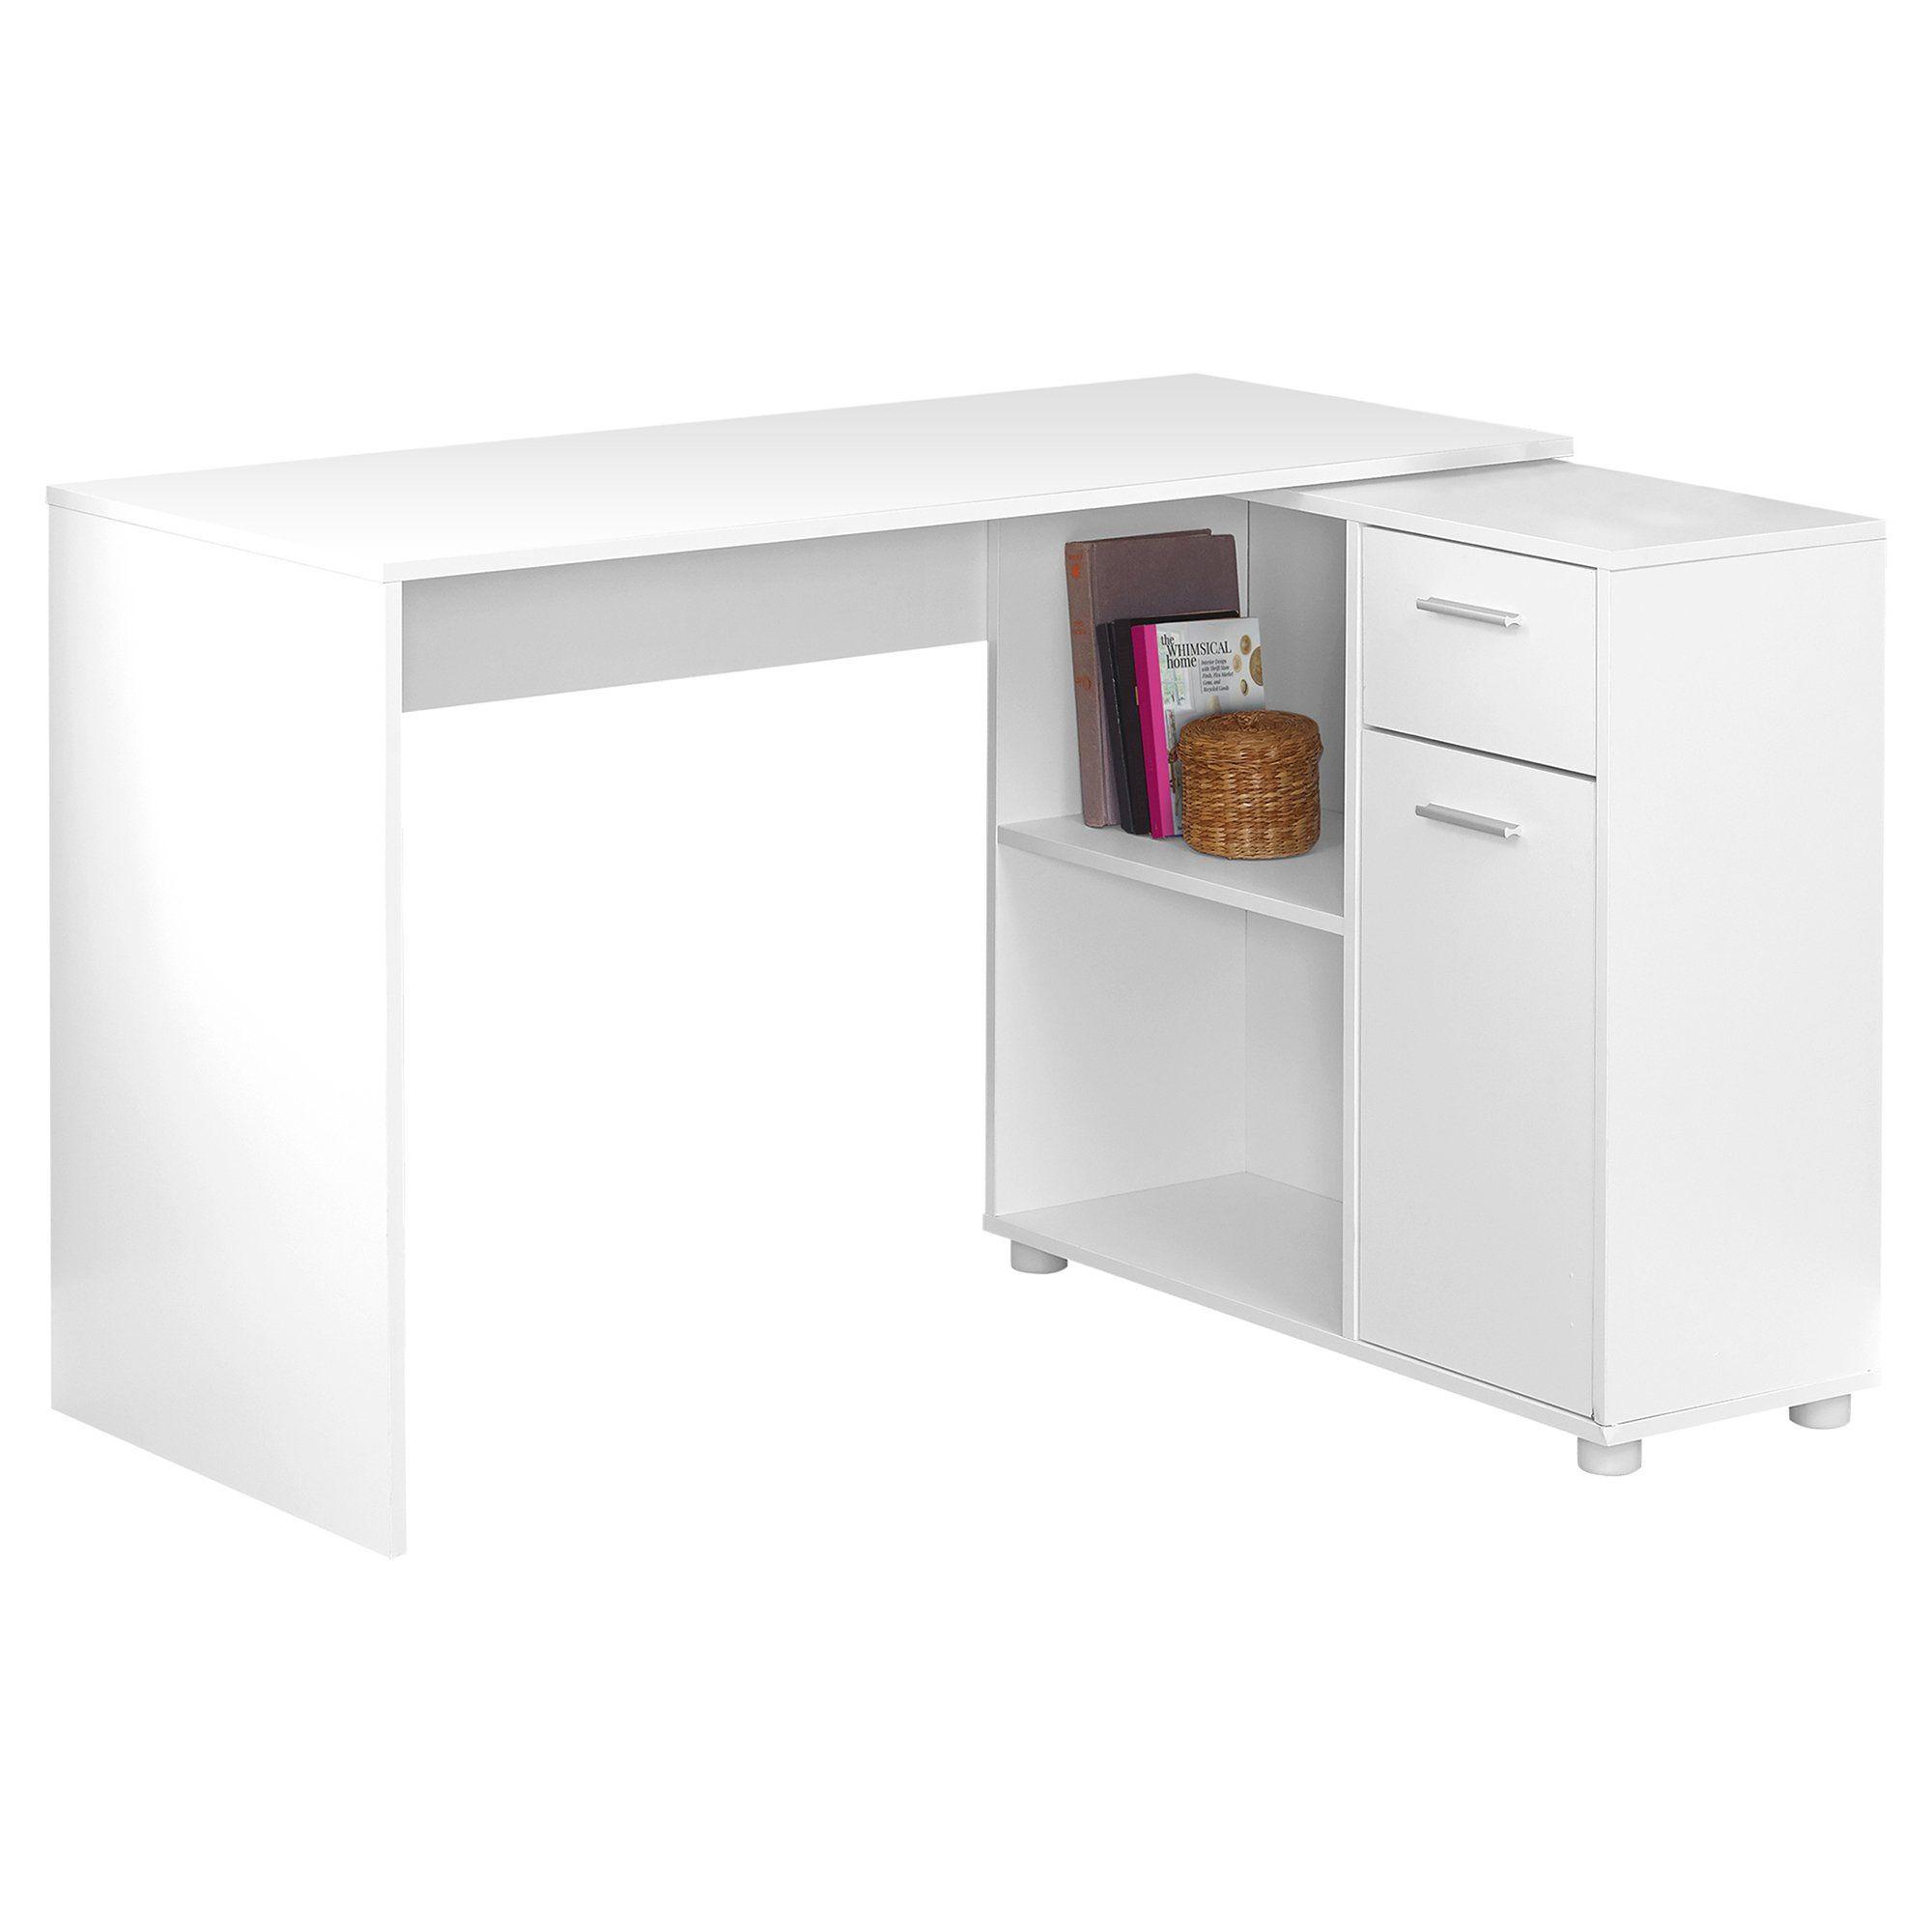 29 5 Particle Board And Laminate Computer Desk With A Storage Cabinet In 2021 White Computer Desk Desk Storage White Corner Desk